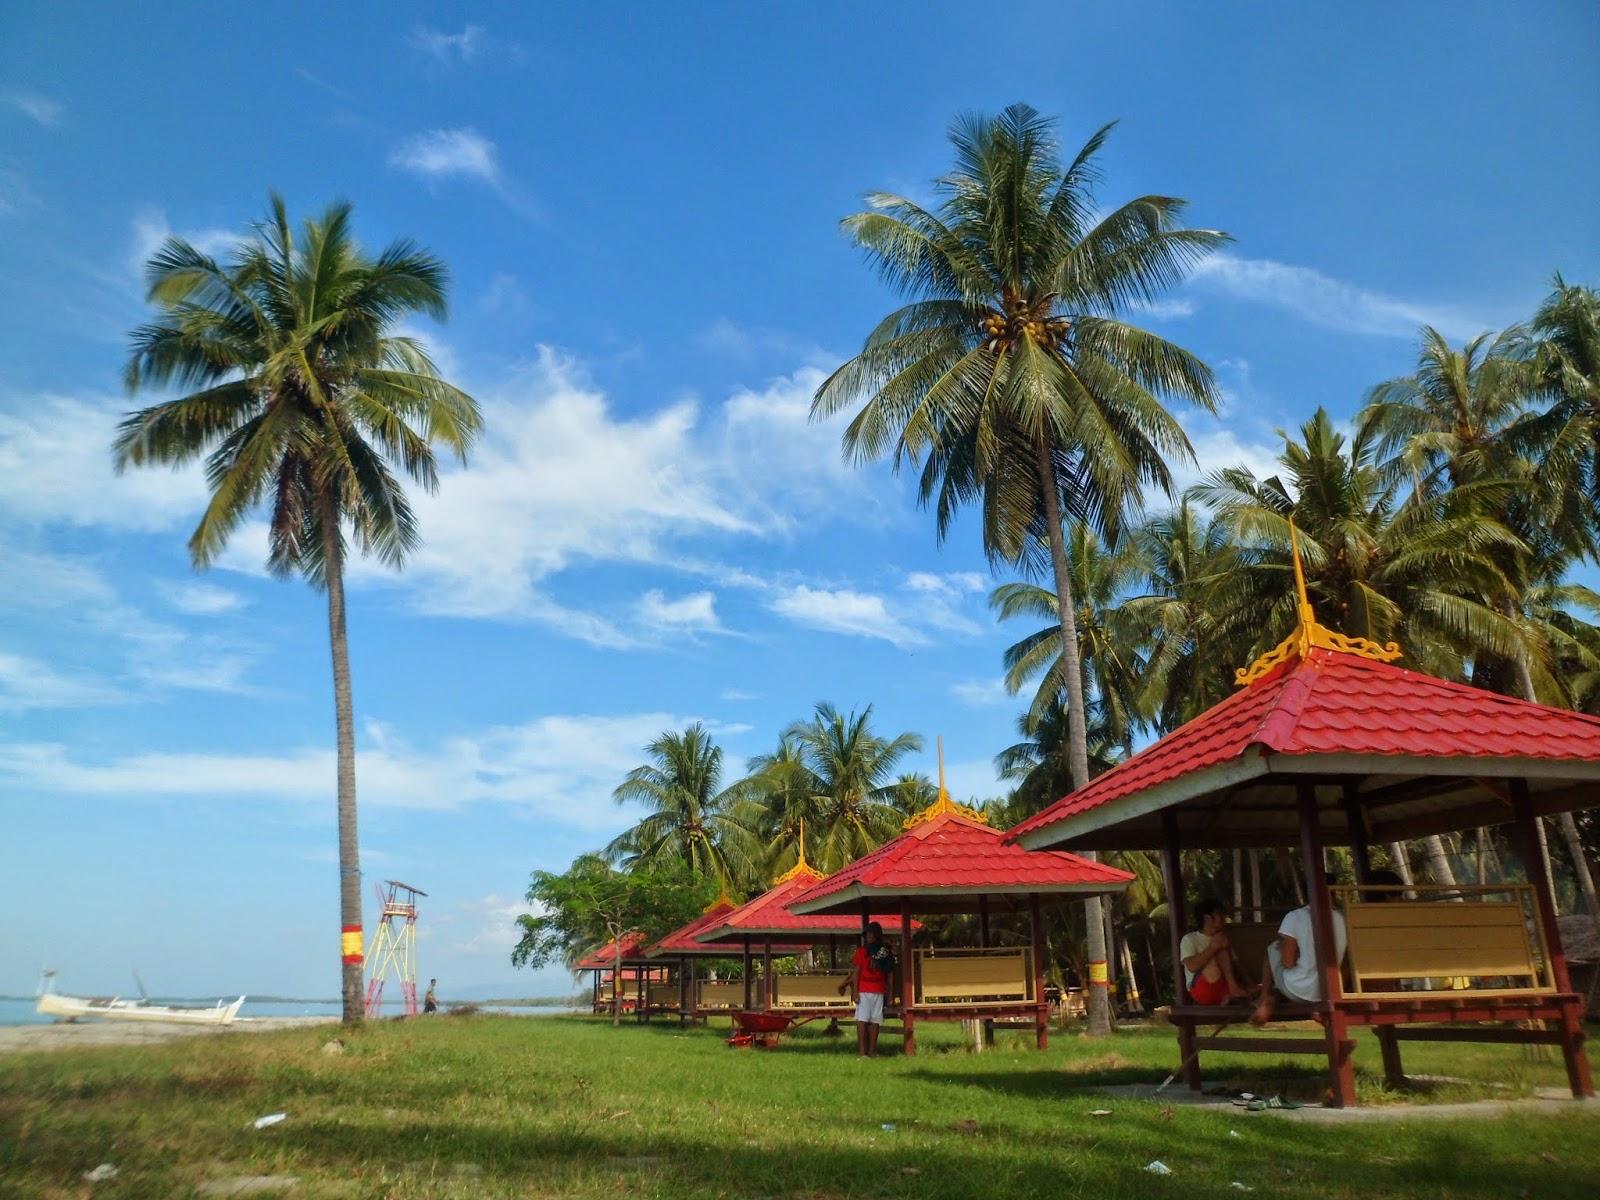 15 Tempat Wisata Sulawesi Barat Amabel Travel Pantai Mampie Kab